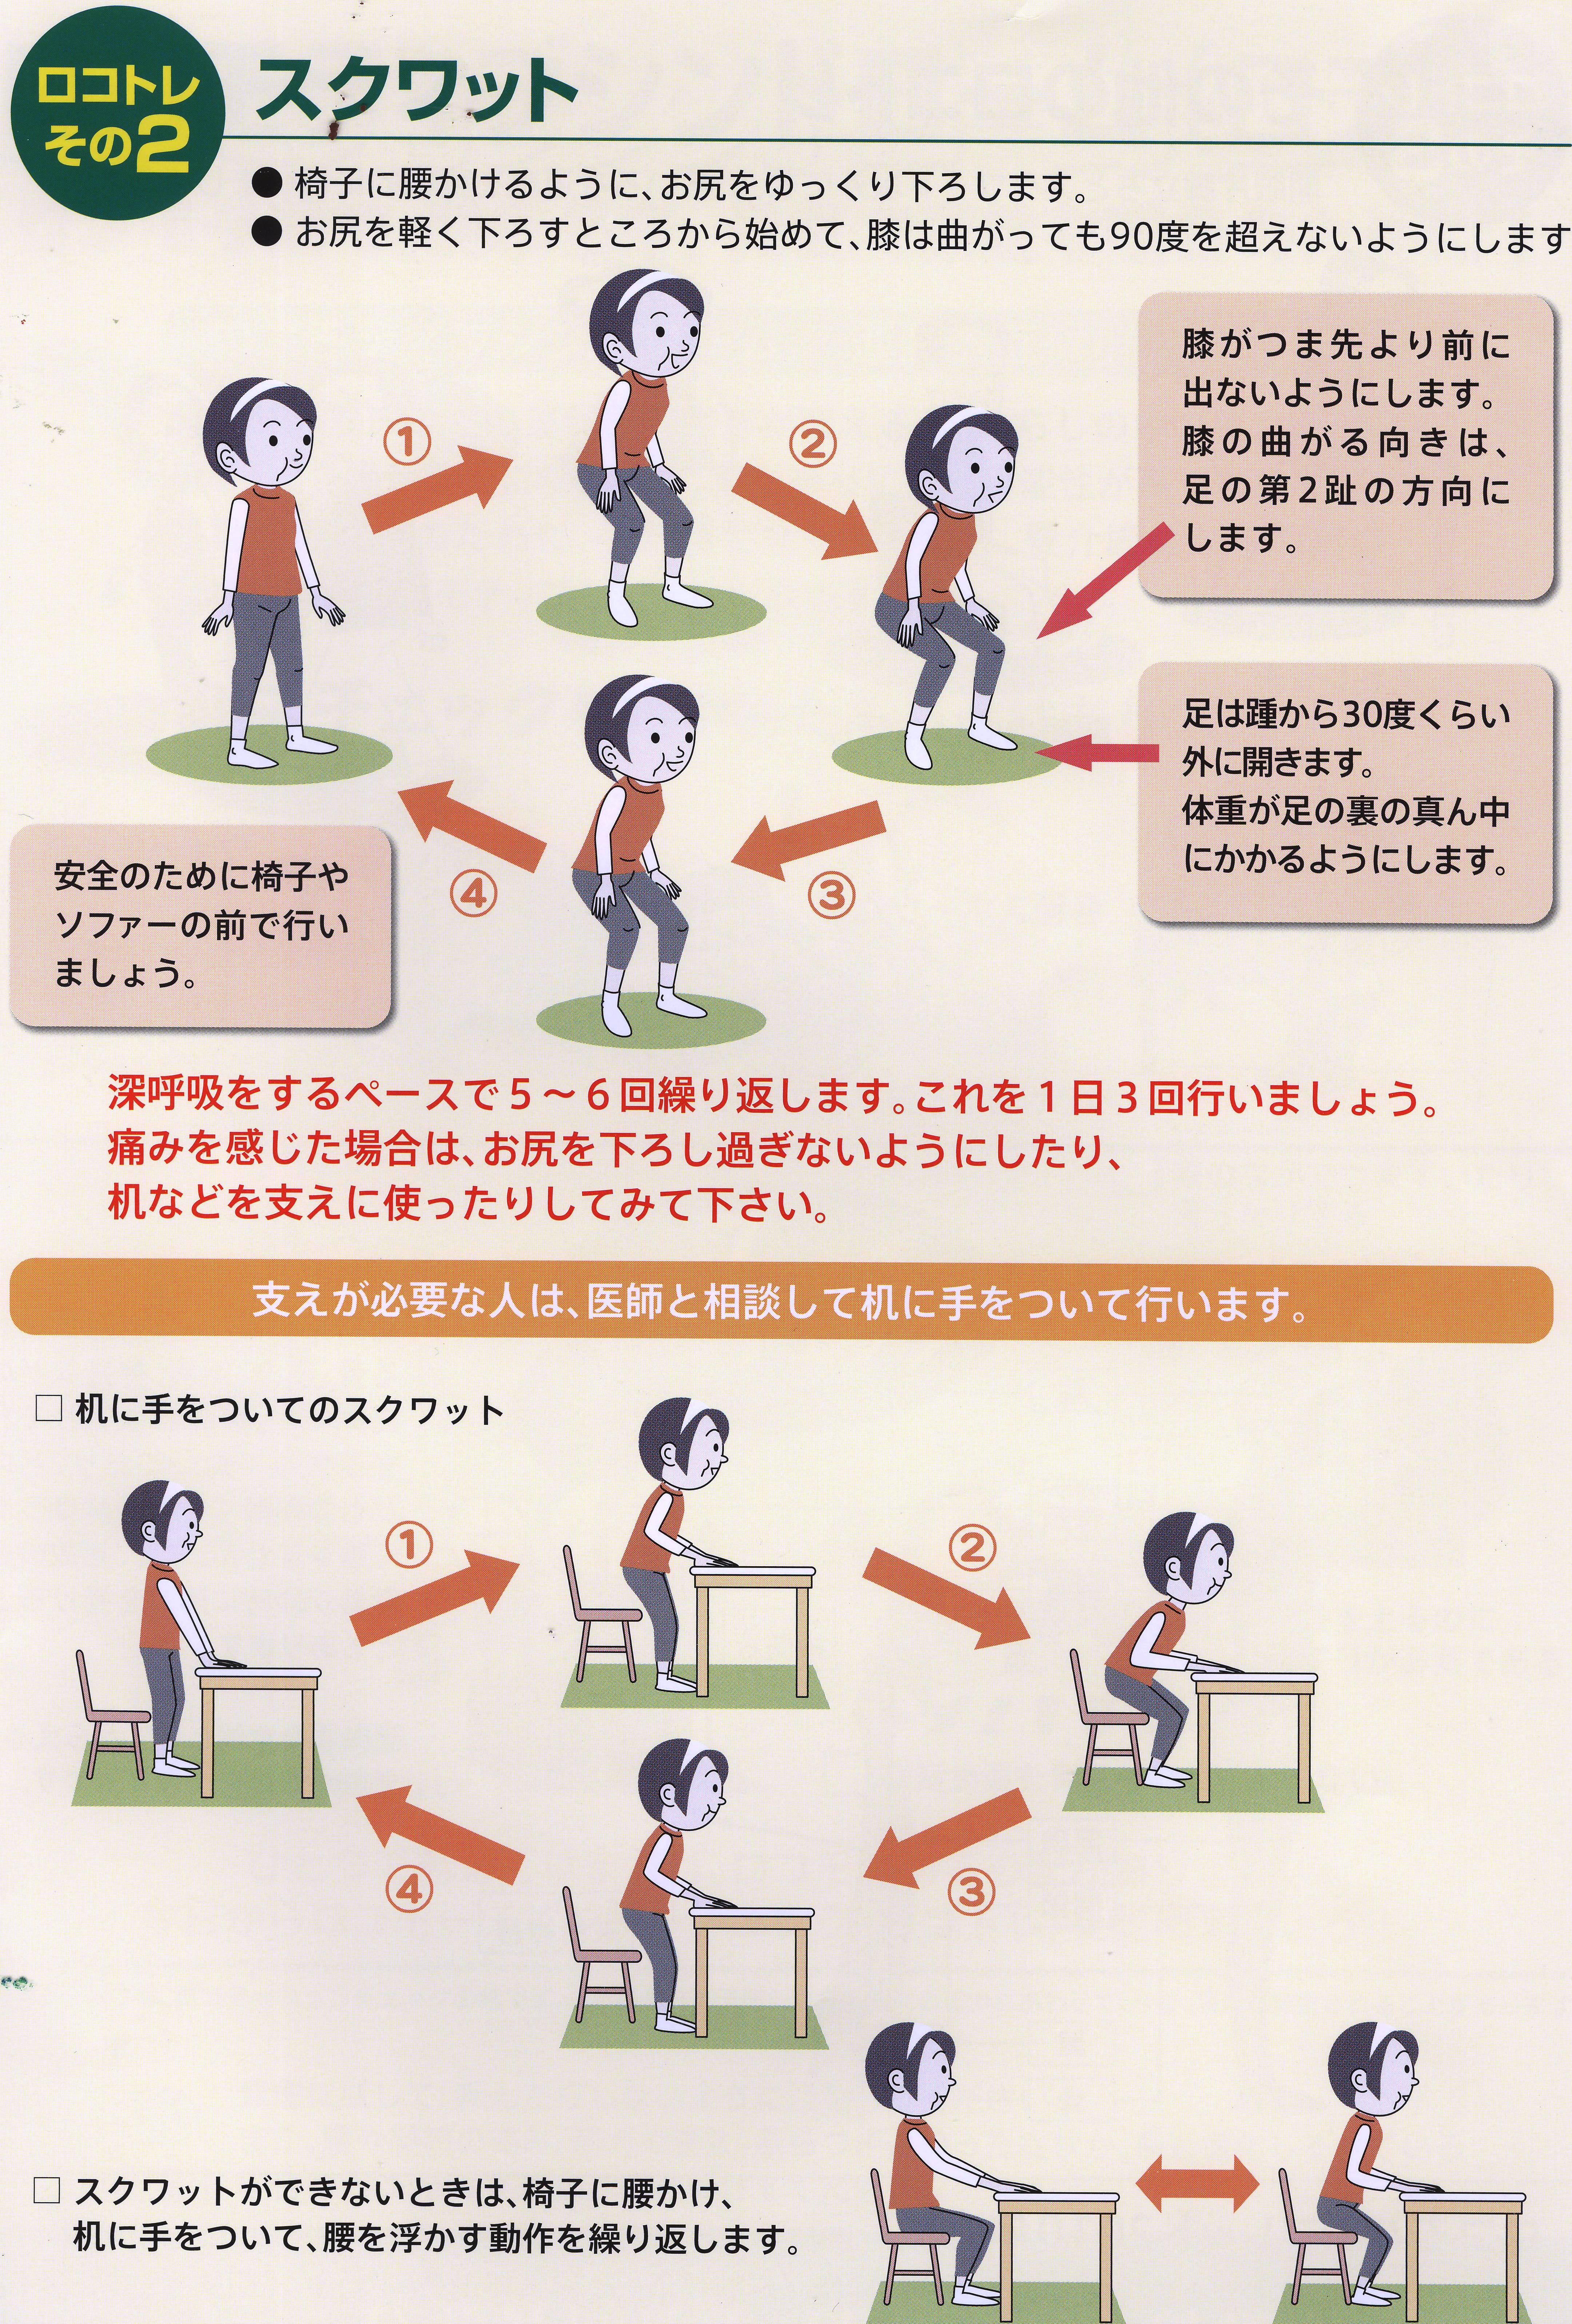 http://suzuran-maeyama.com/blog/images/%E3%83%AD%E3%82%B3%E3%83%A2%E4%BD%93%E6%93%8D2.jpg